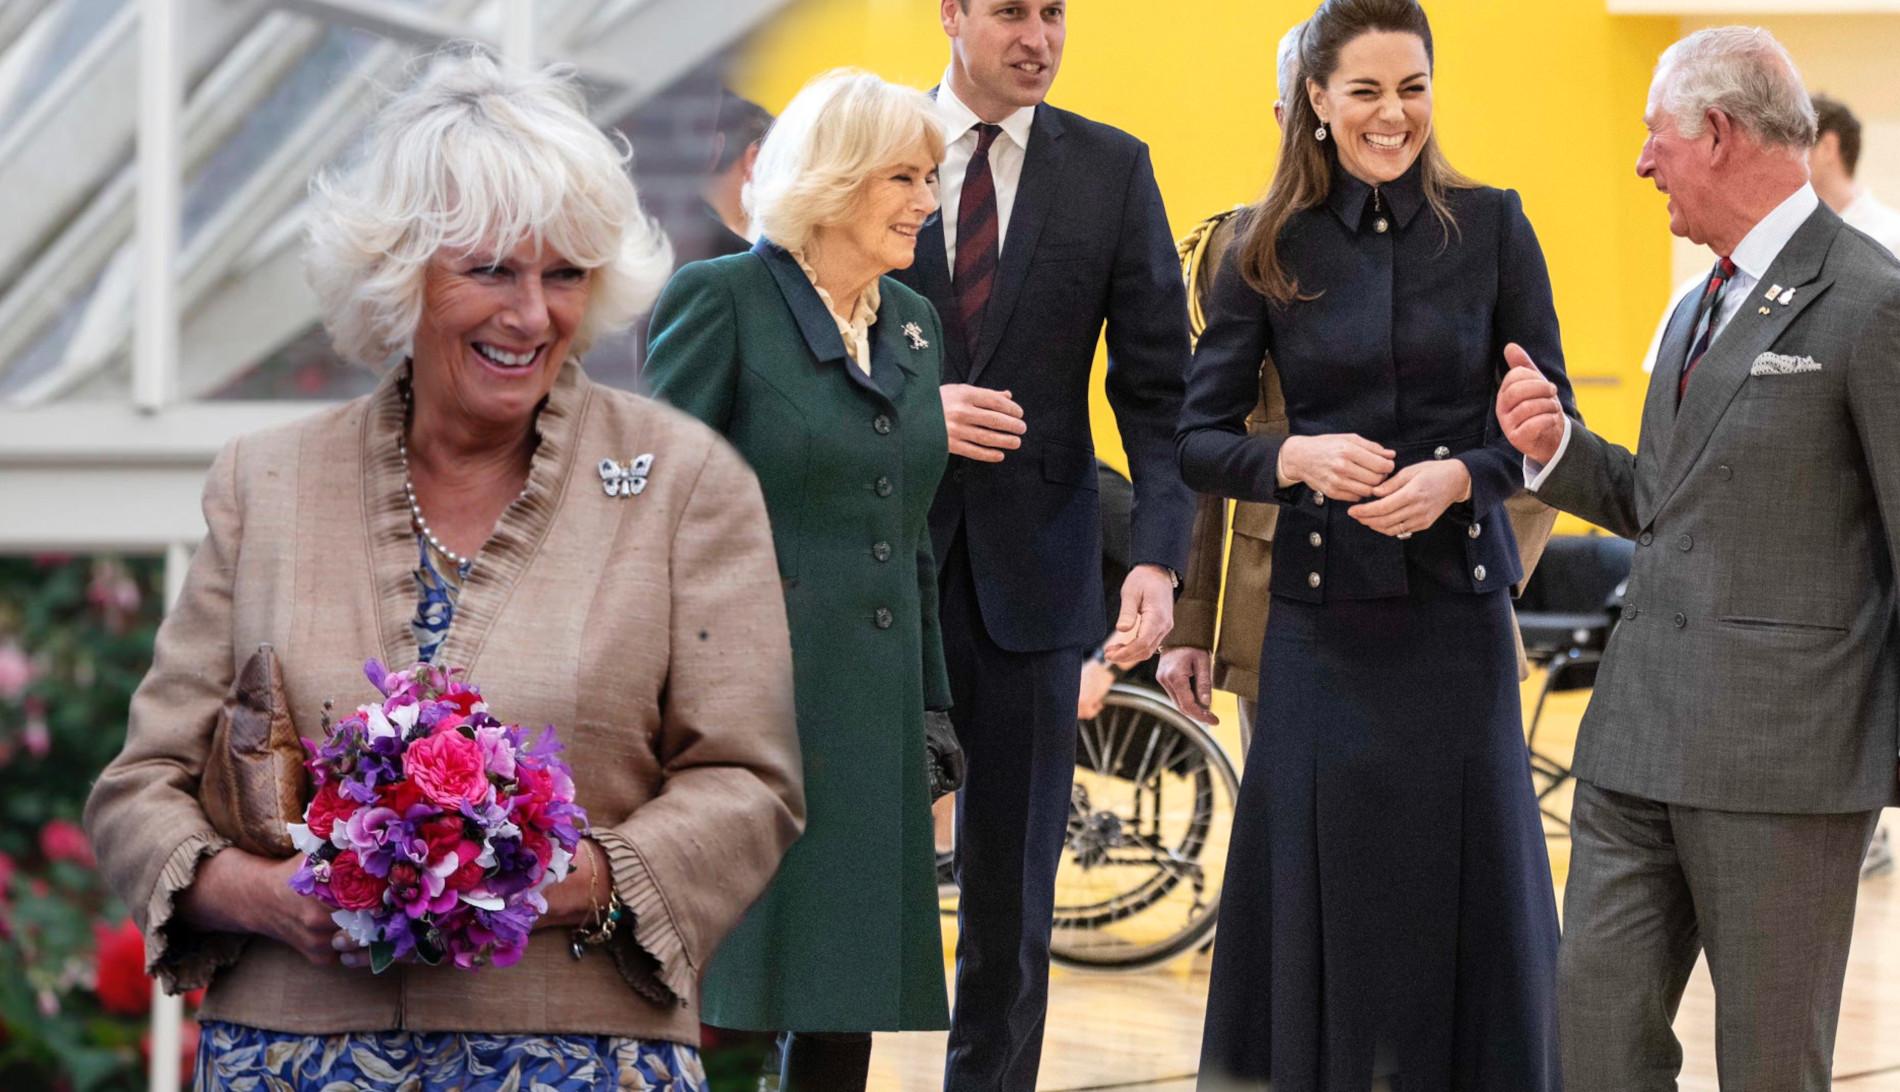 Księżna Camilla obchodzi 73. urodziny. W komentarzach OBRZYDLIWY hejt